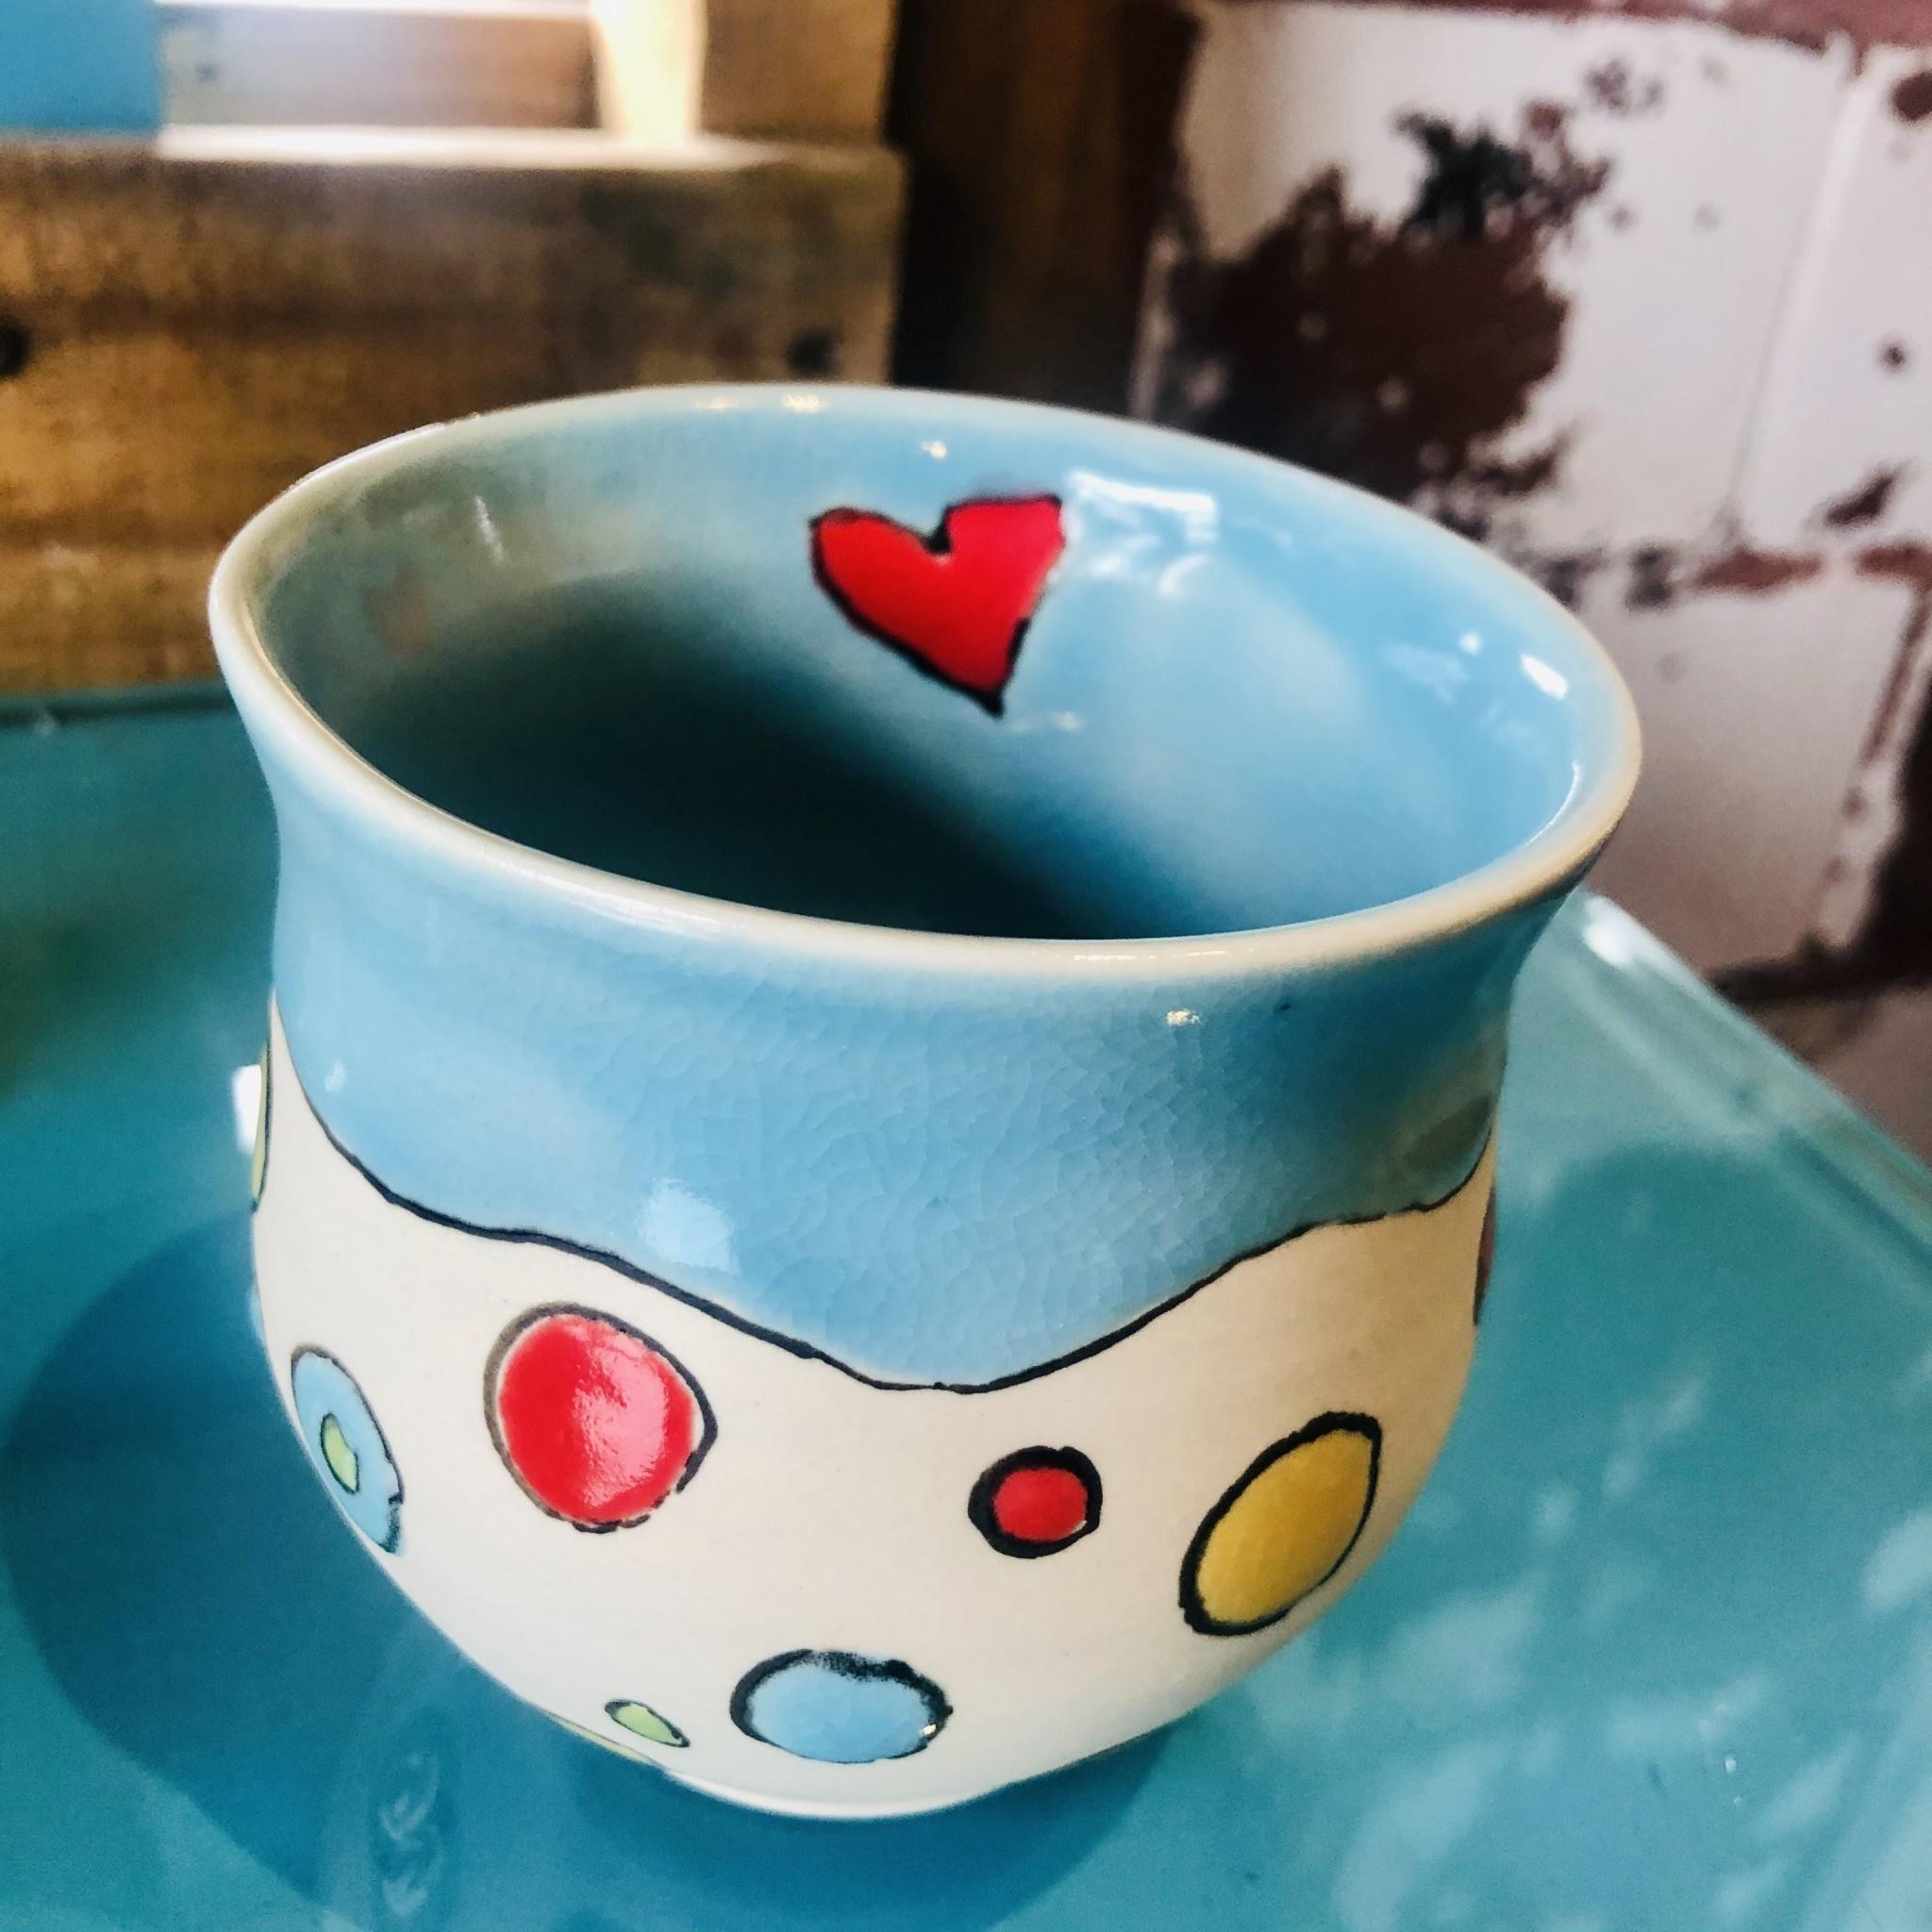 Tina Thomas Tina Thomas Wine Cup with Heart